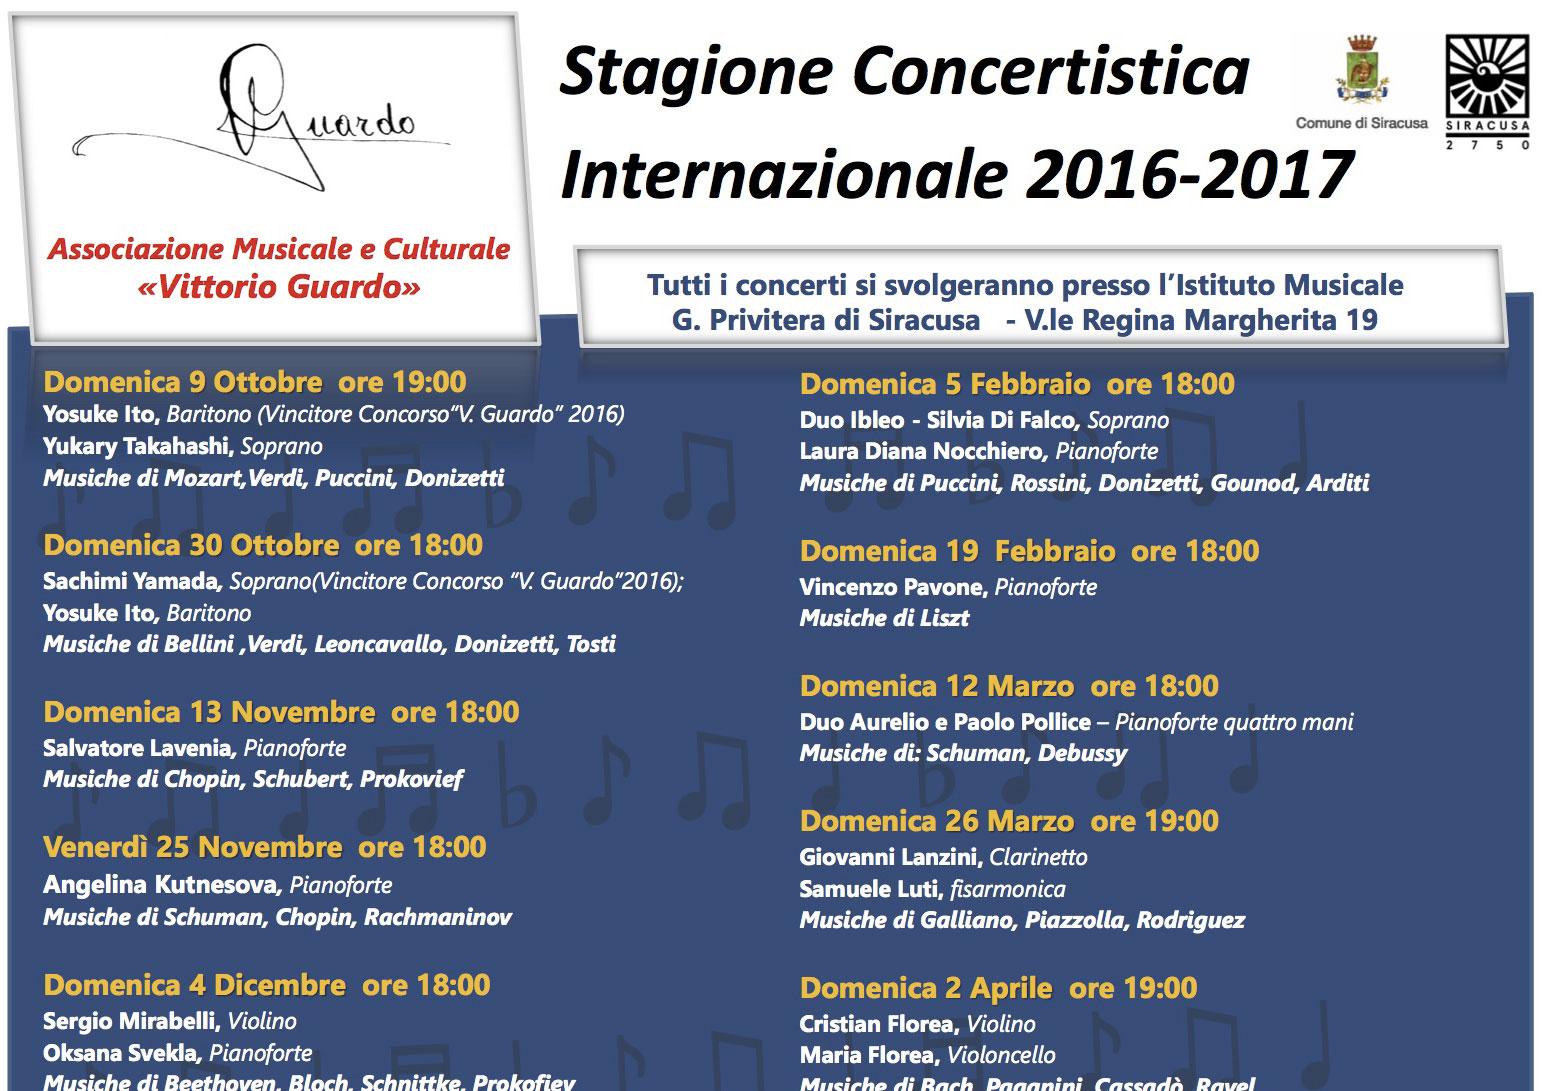 STAGIONE CONCERTISTICA 2016/2017